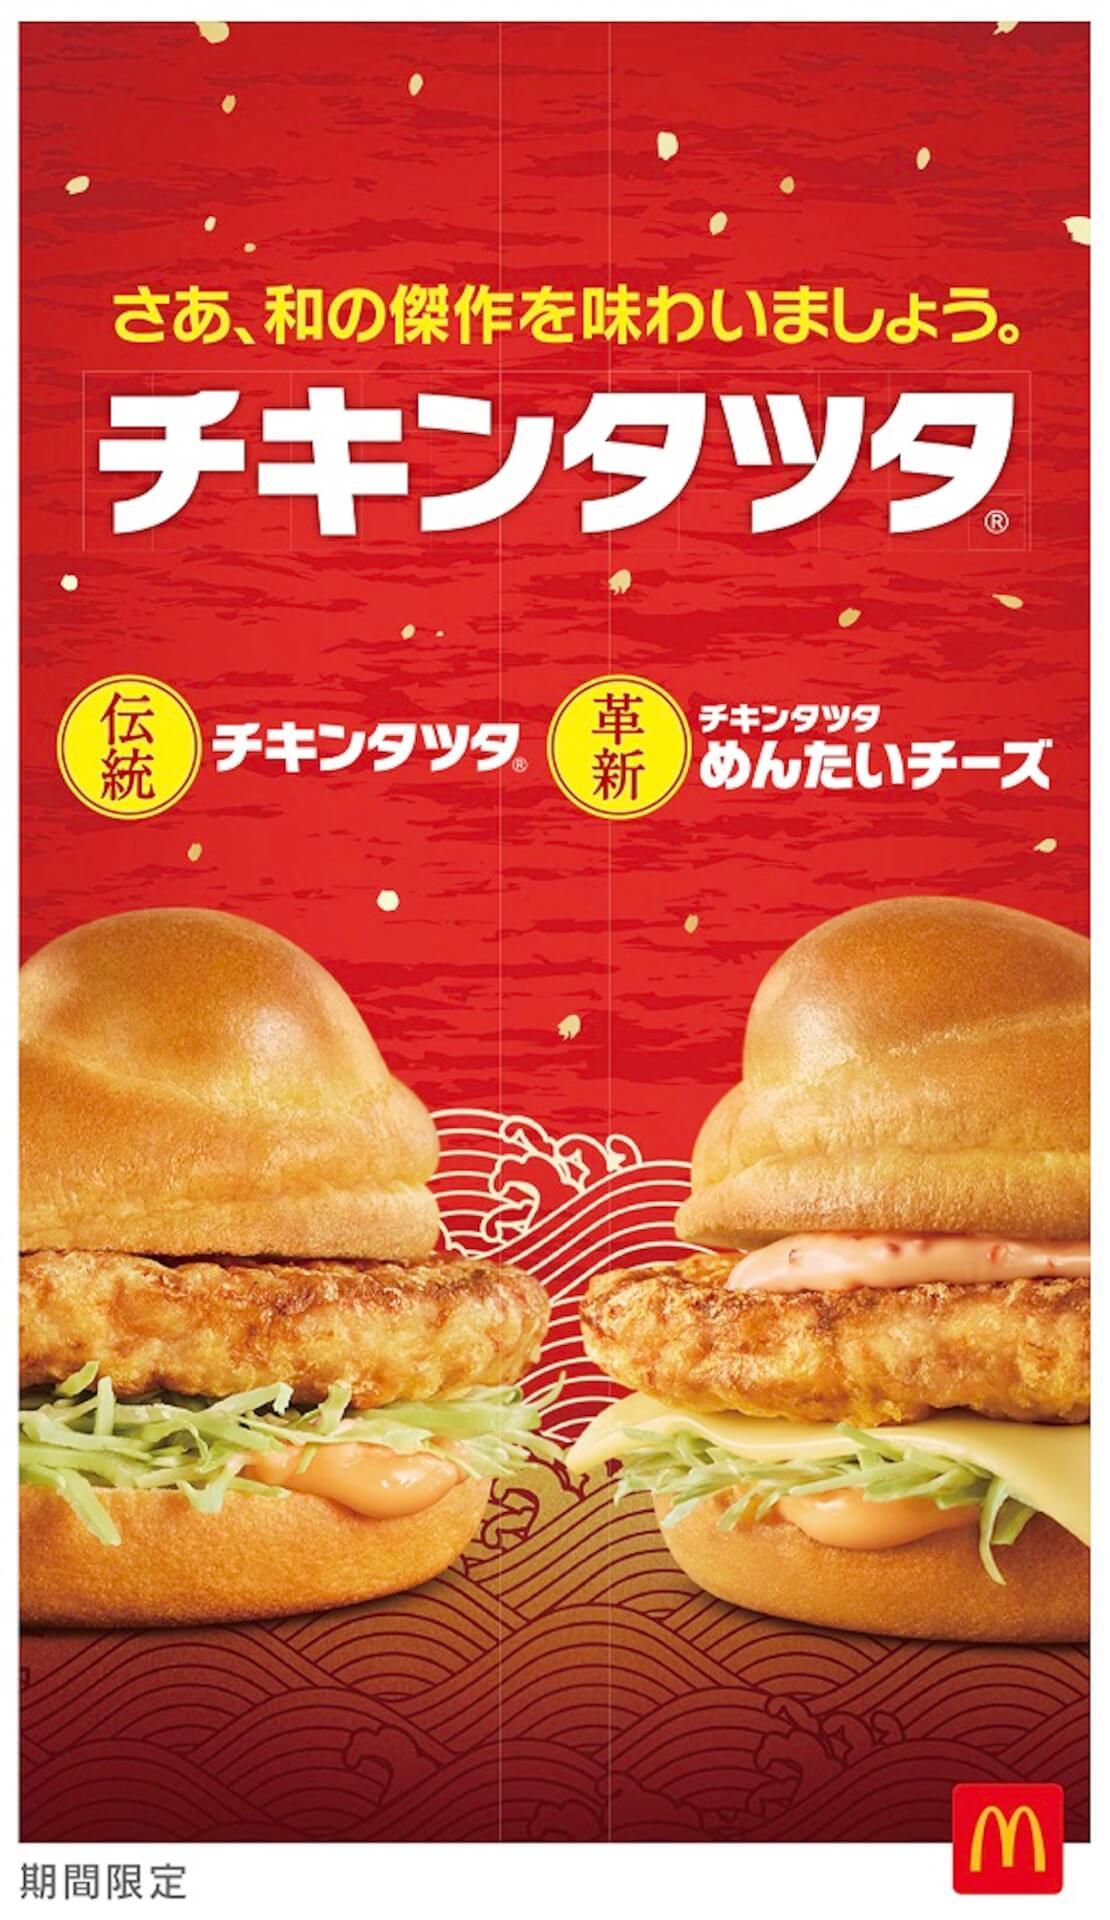 マクドナルドの限定定番商品「チキンタツタ」がついに本日発売!新商品も登場&2,000円分のマックカードが当たるキャンペーンも gourmet200513_mcdonald_2